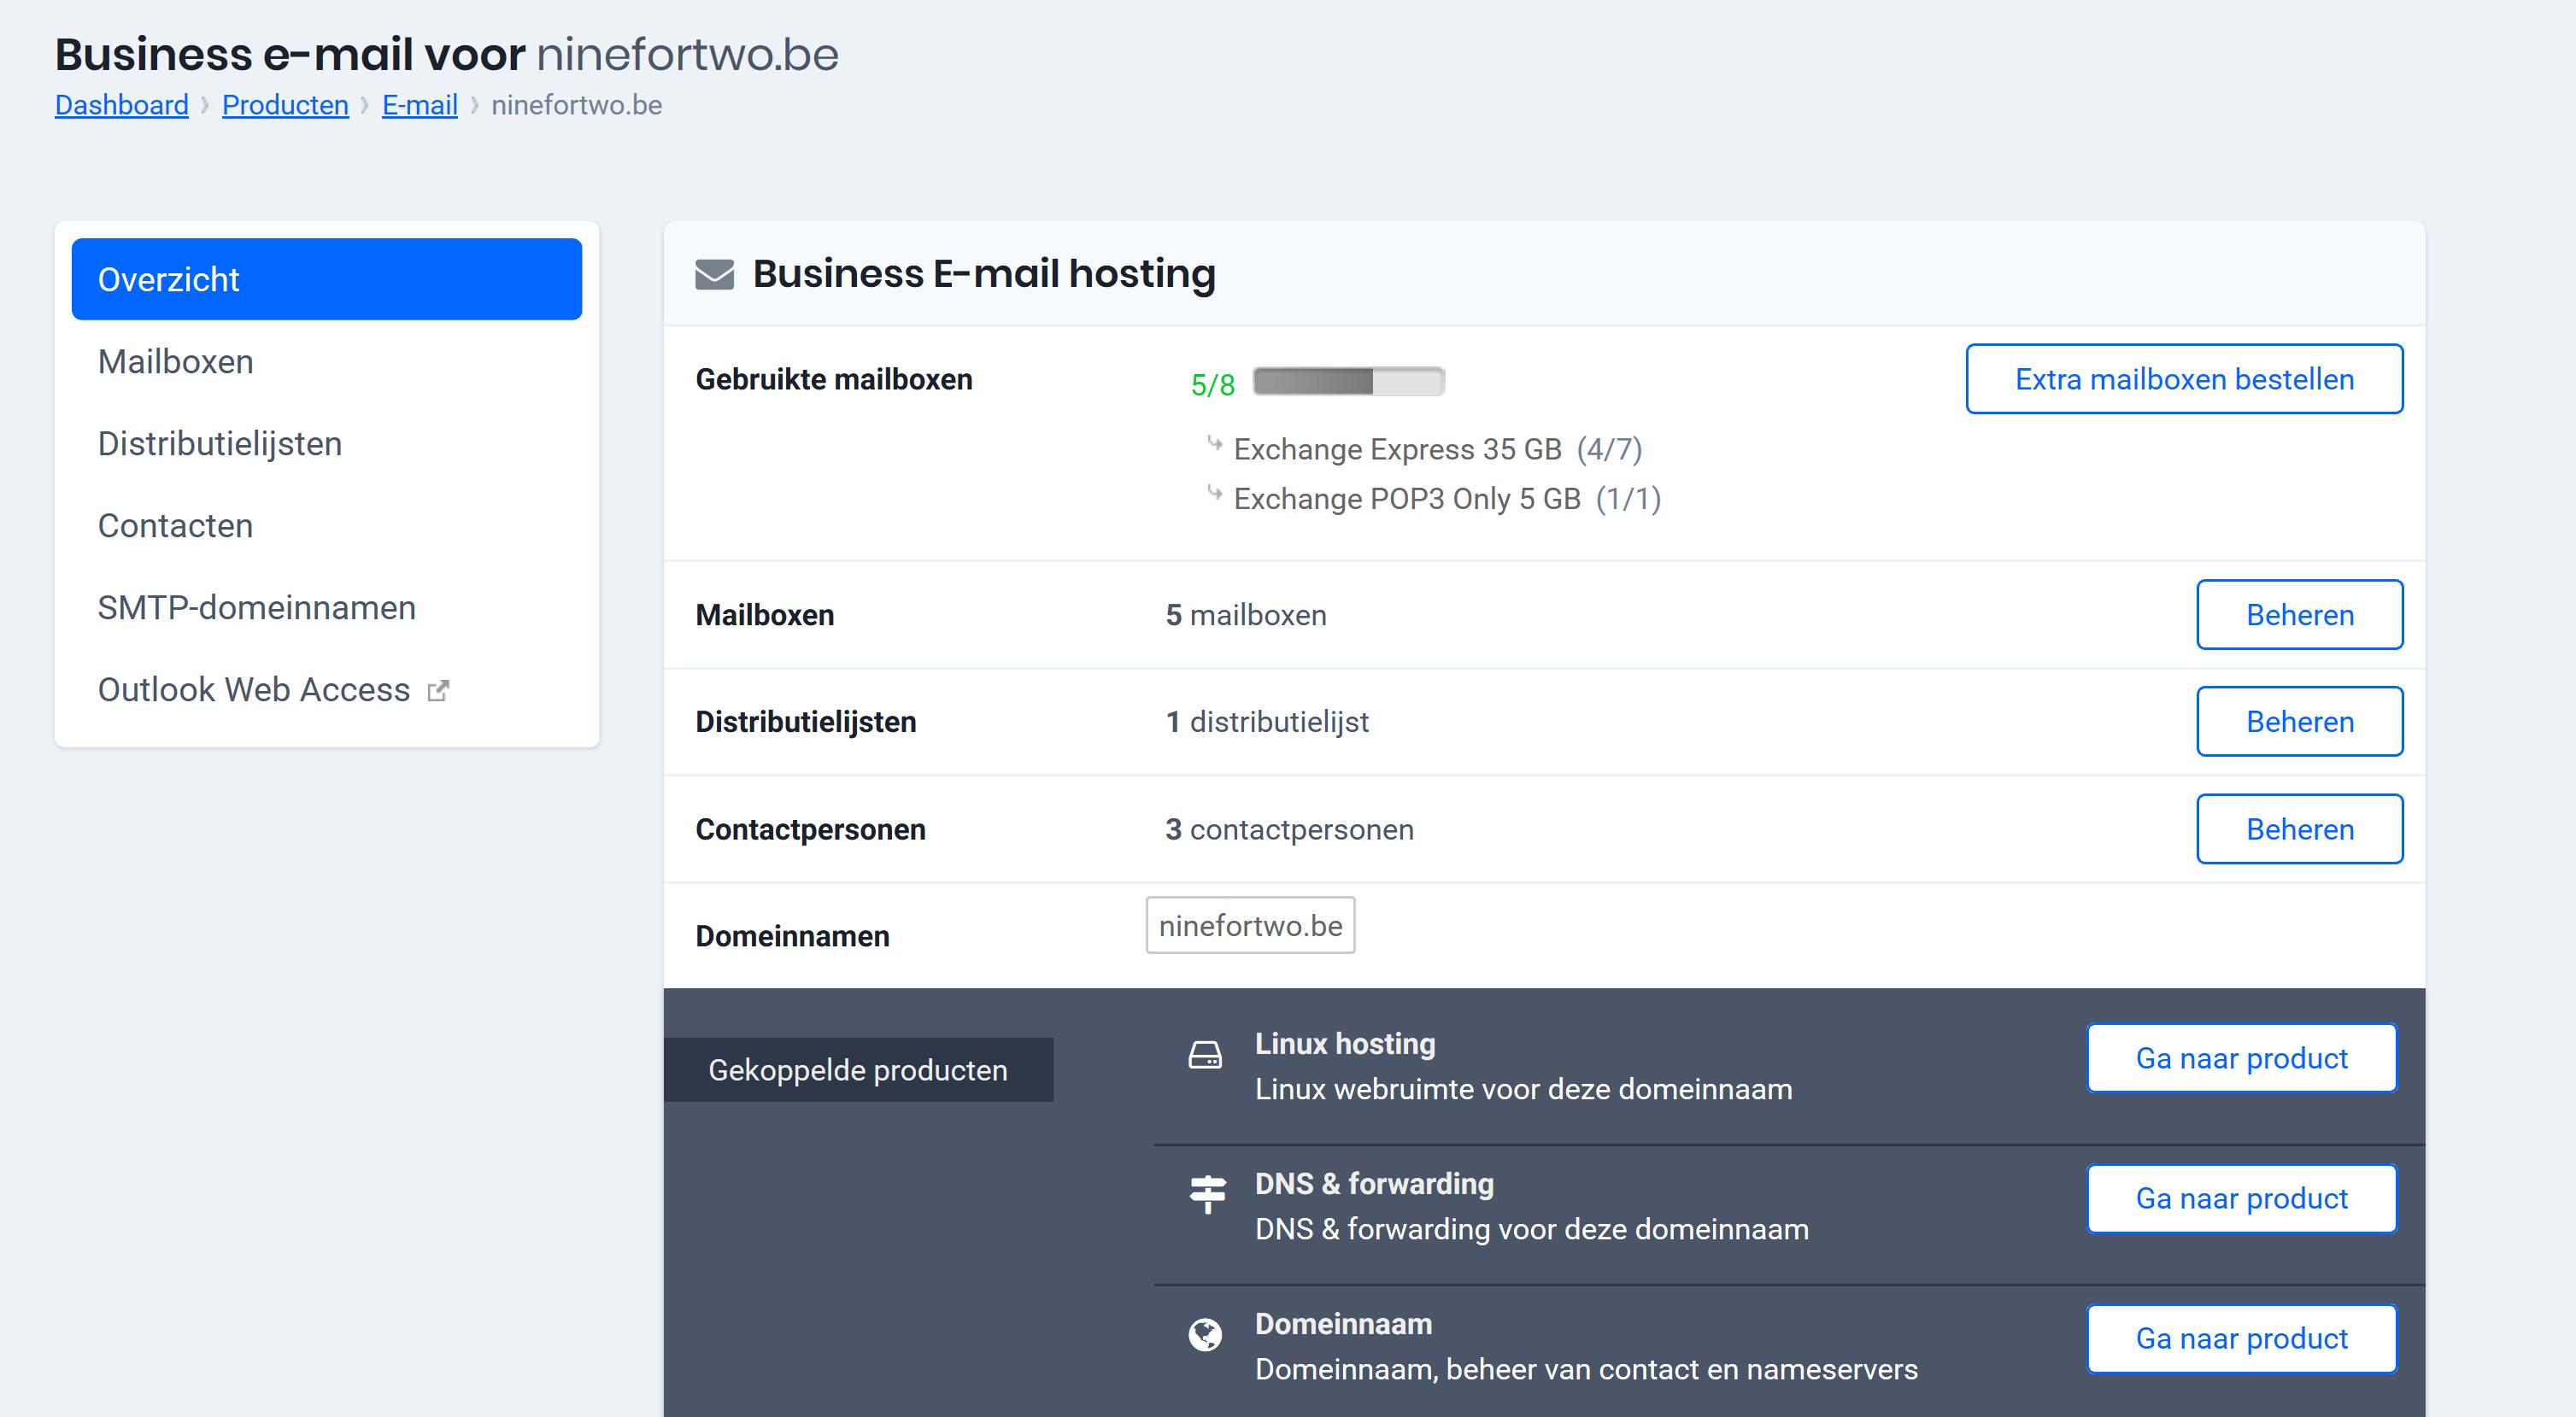 Klik op Outlook Web Access